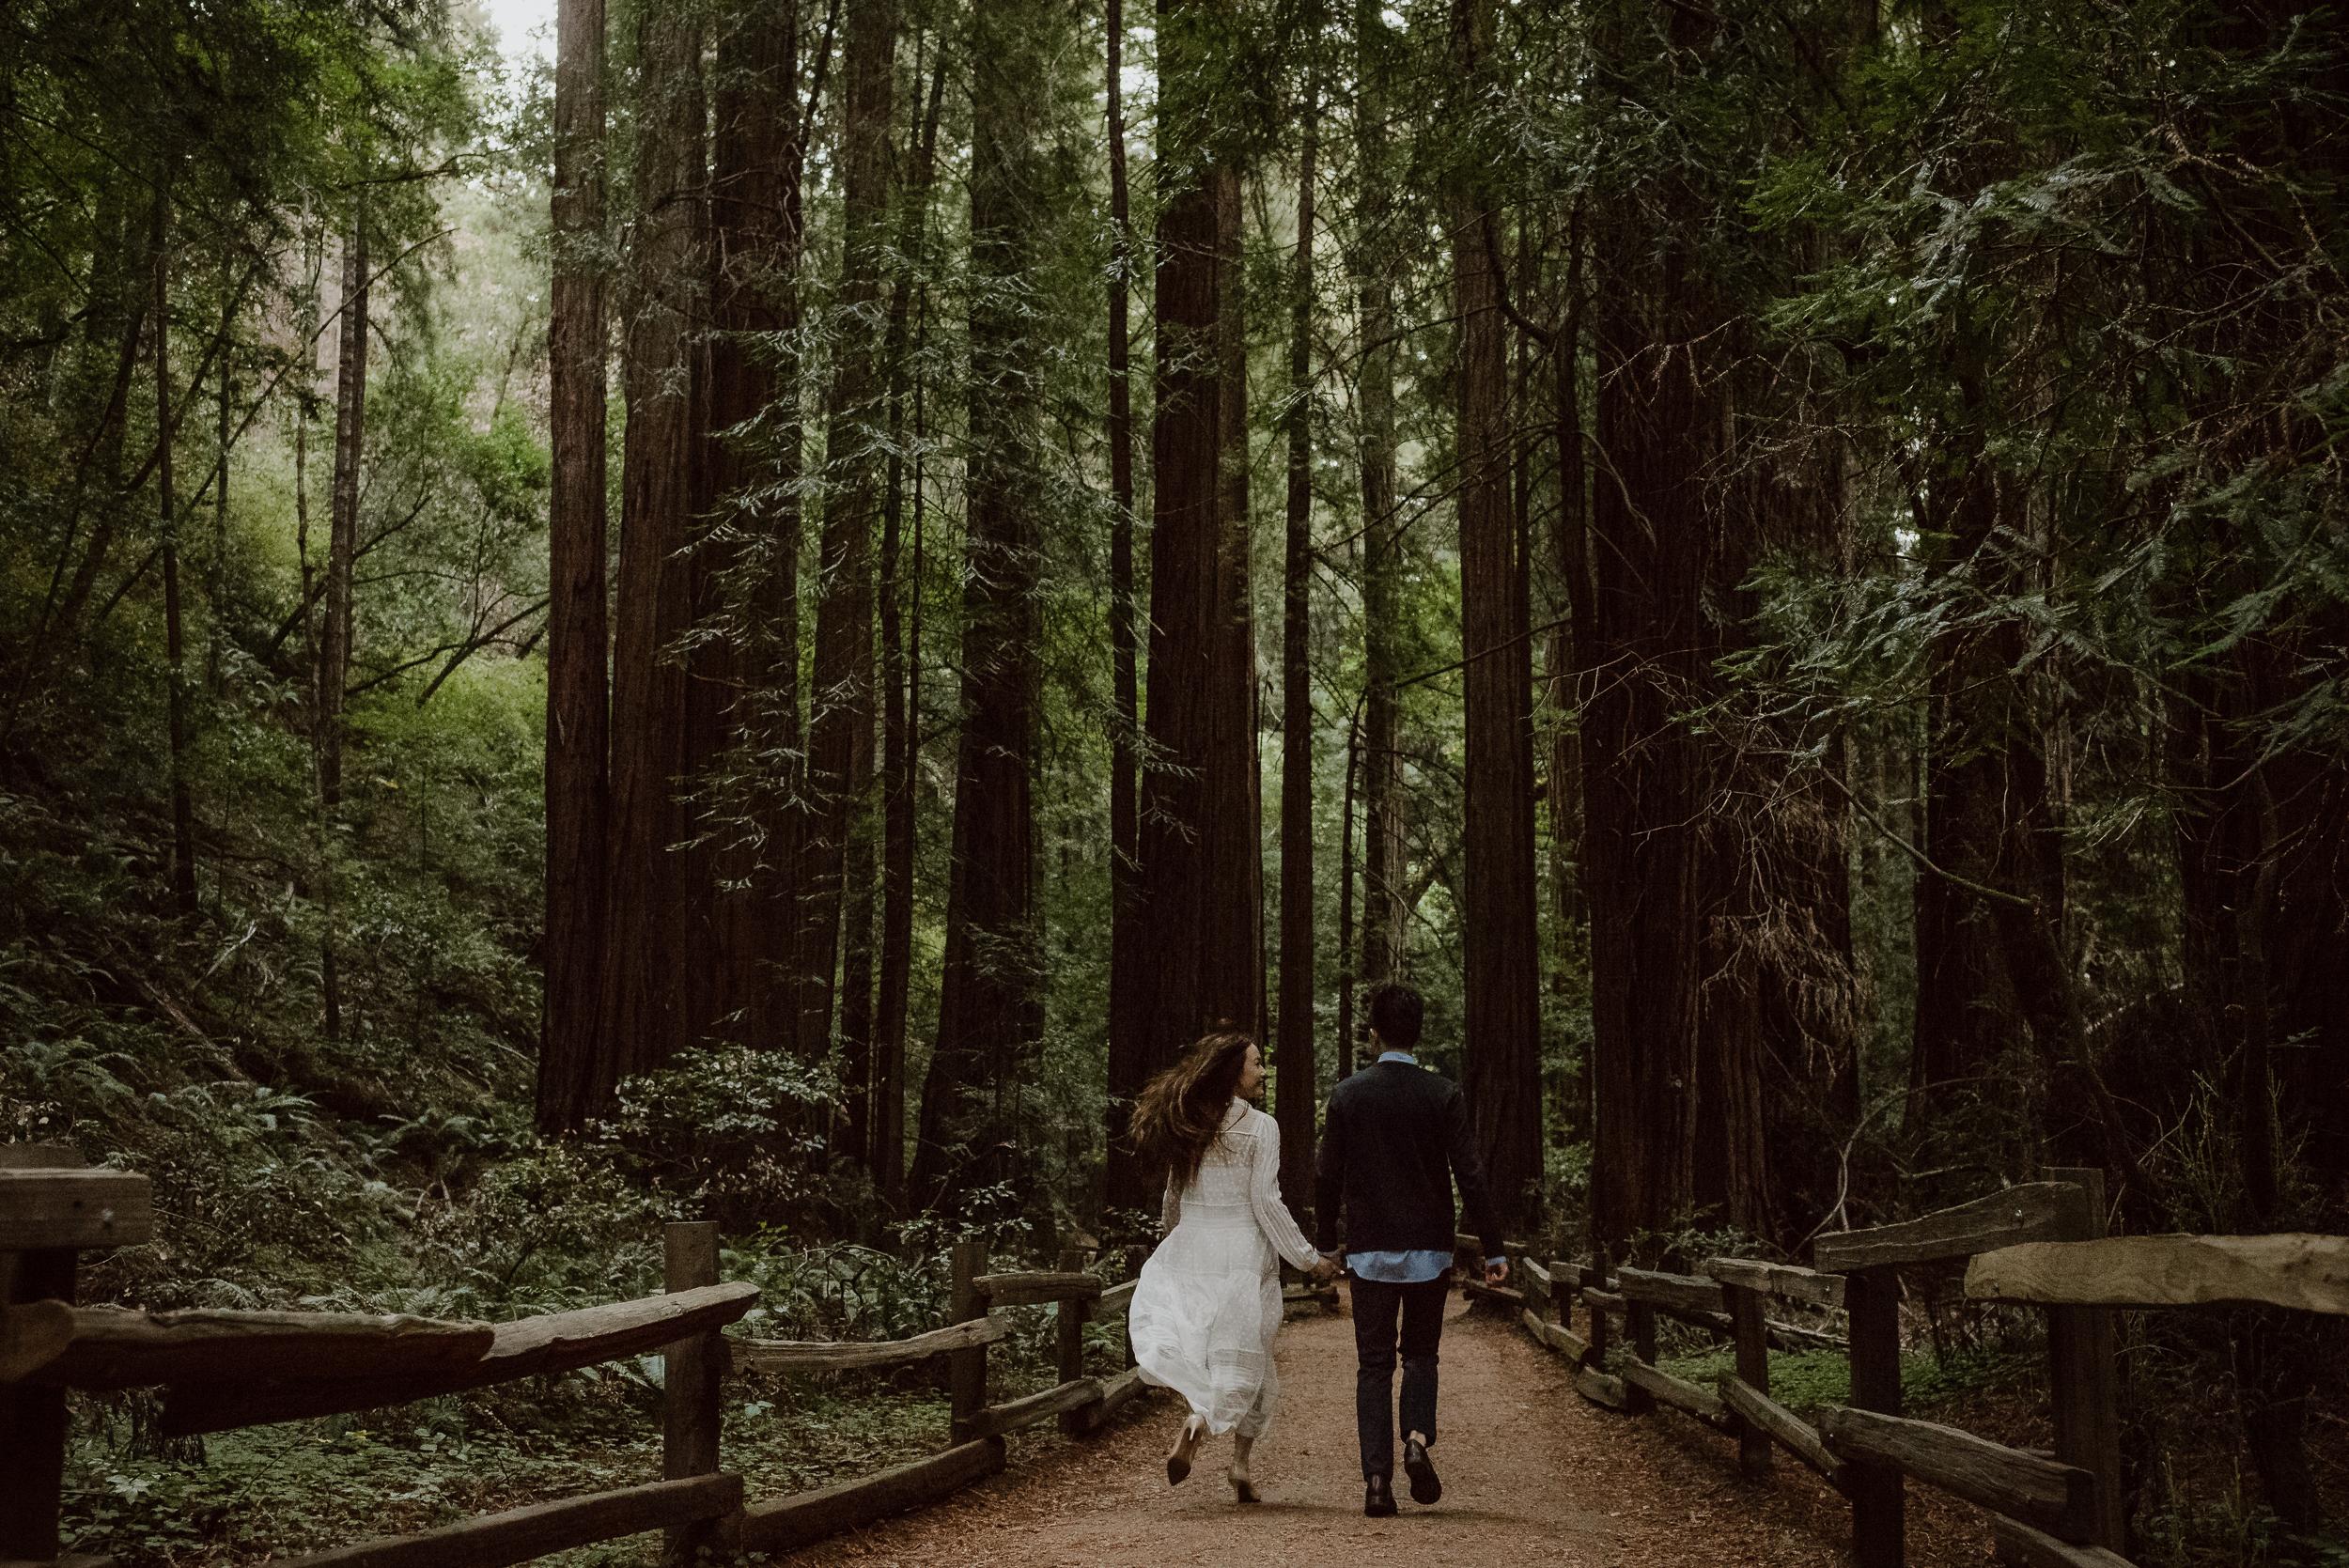 22-muir-woods-wedding-engagement-portrait-session-vivianchen-214.jpg